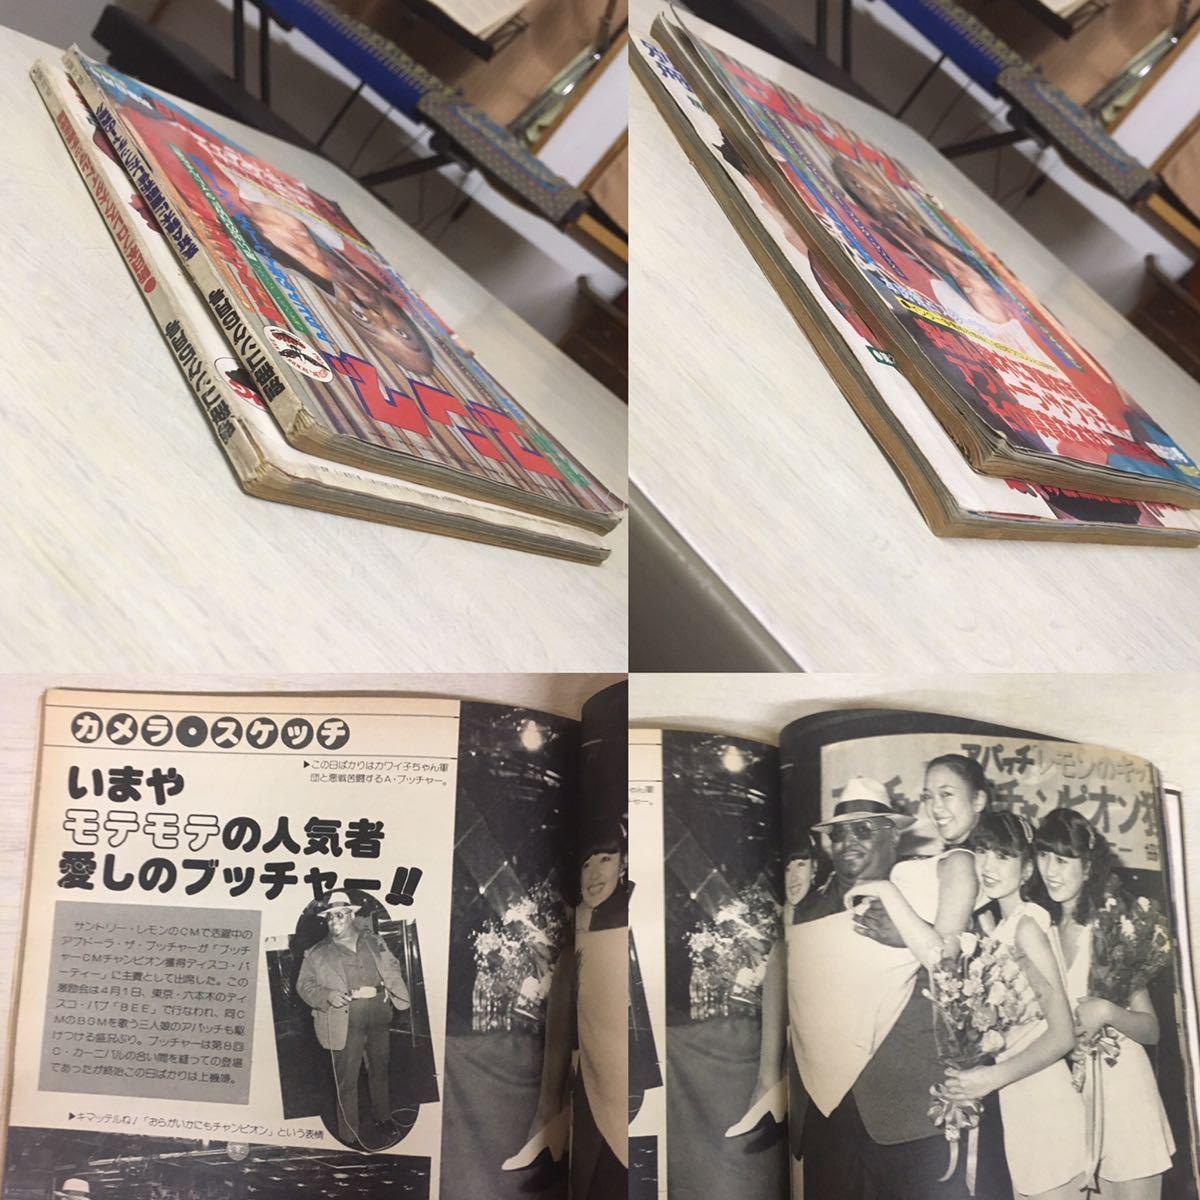 昭和プロレス 別冊ゴング アントニオ猪木 ジャイアント馬場 ブッチャー1980 5月号 1981 6月号セット レジェンドレスラーポスター6枚付_画像10